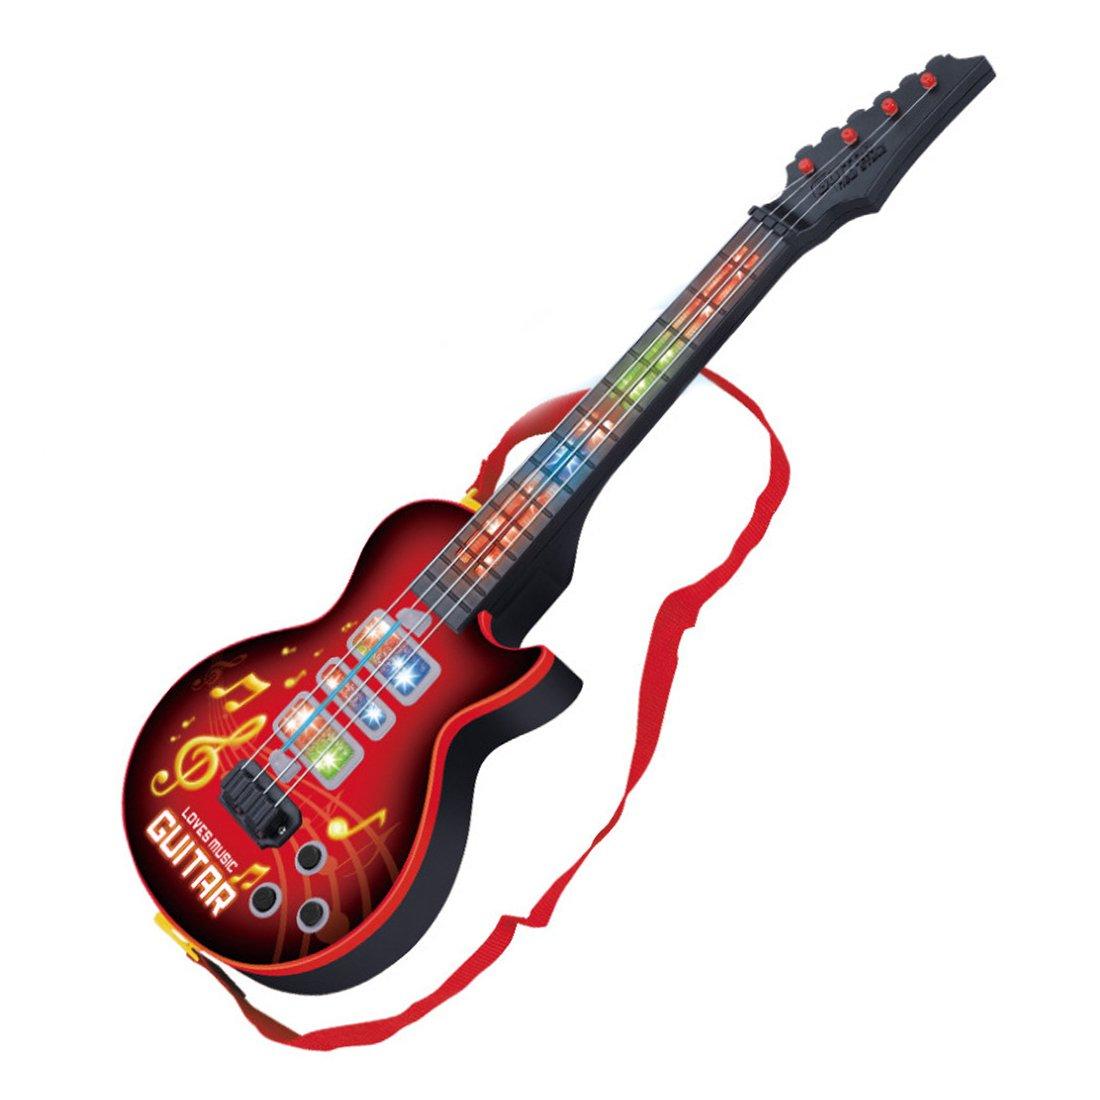 Gitarre Musikinstrument für Kinder, Likeluk Kinder Gitarre Rocking Guitar Geeignet für Kinder ab 3 Jahre